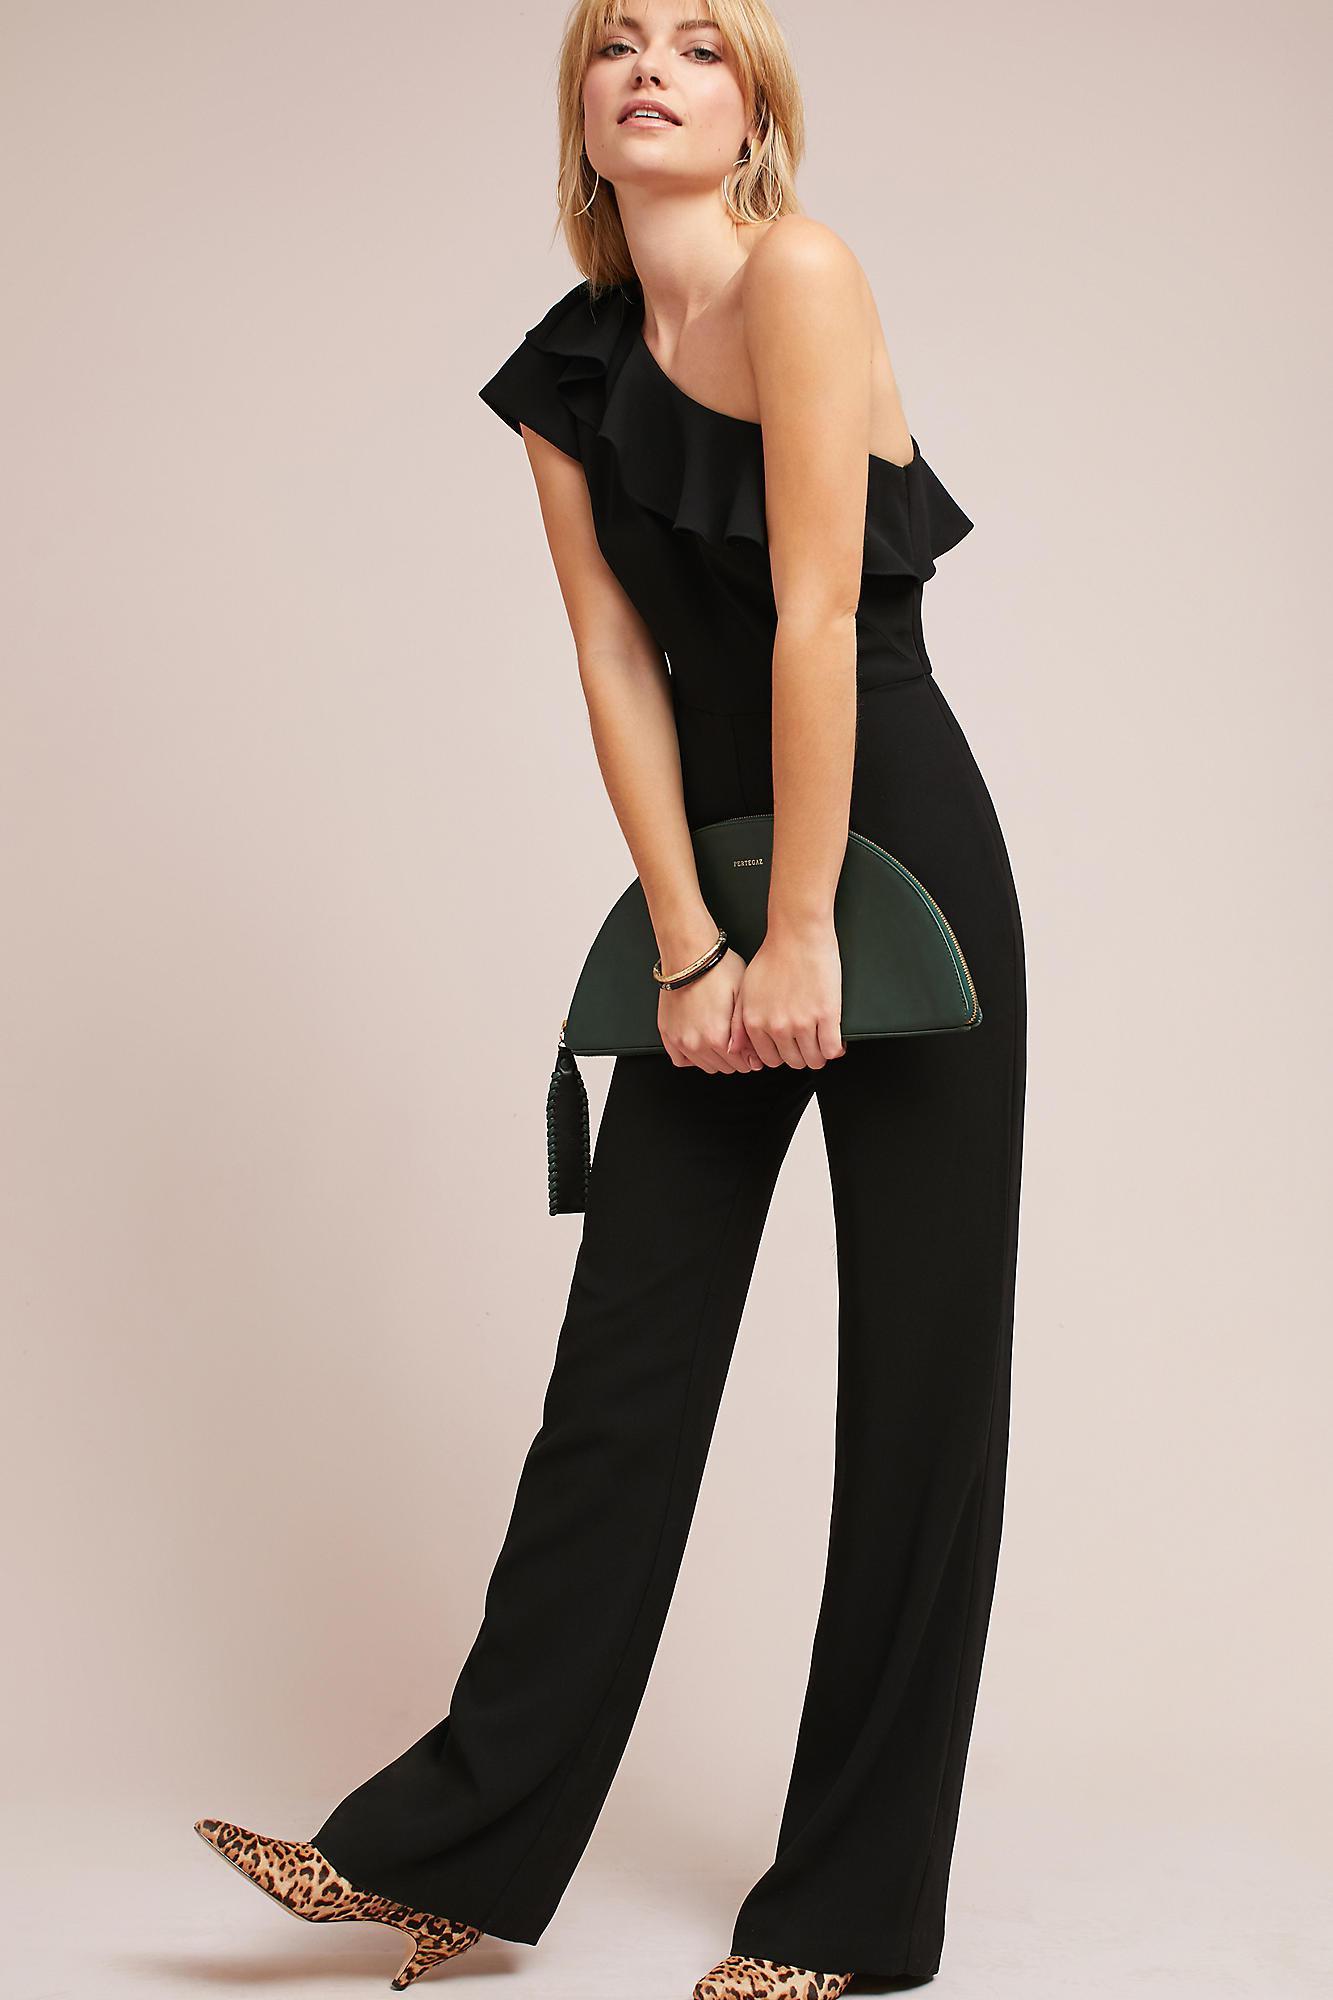 473cdd5039c Lyst - Ml Monique Lhuillier One-shoulder Jumpsuit in Black